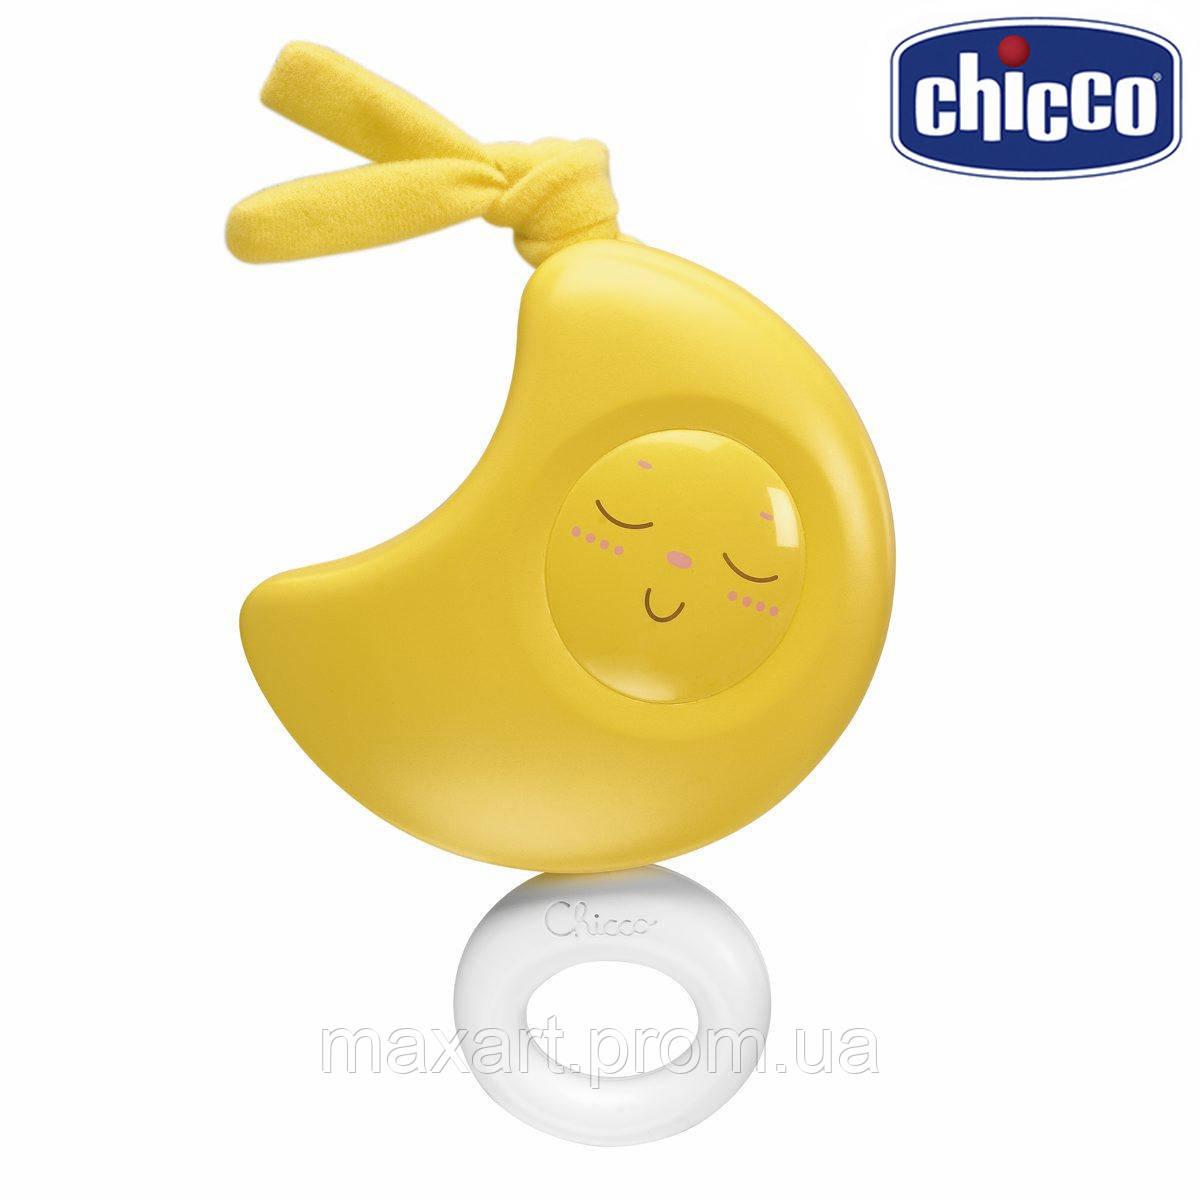 Подвеска музыкальная Chicco - Луна (01192.00) желтый